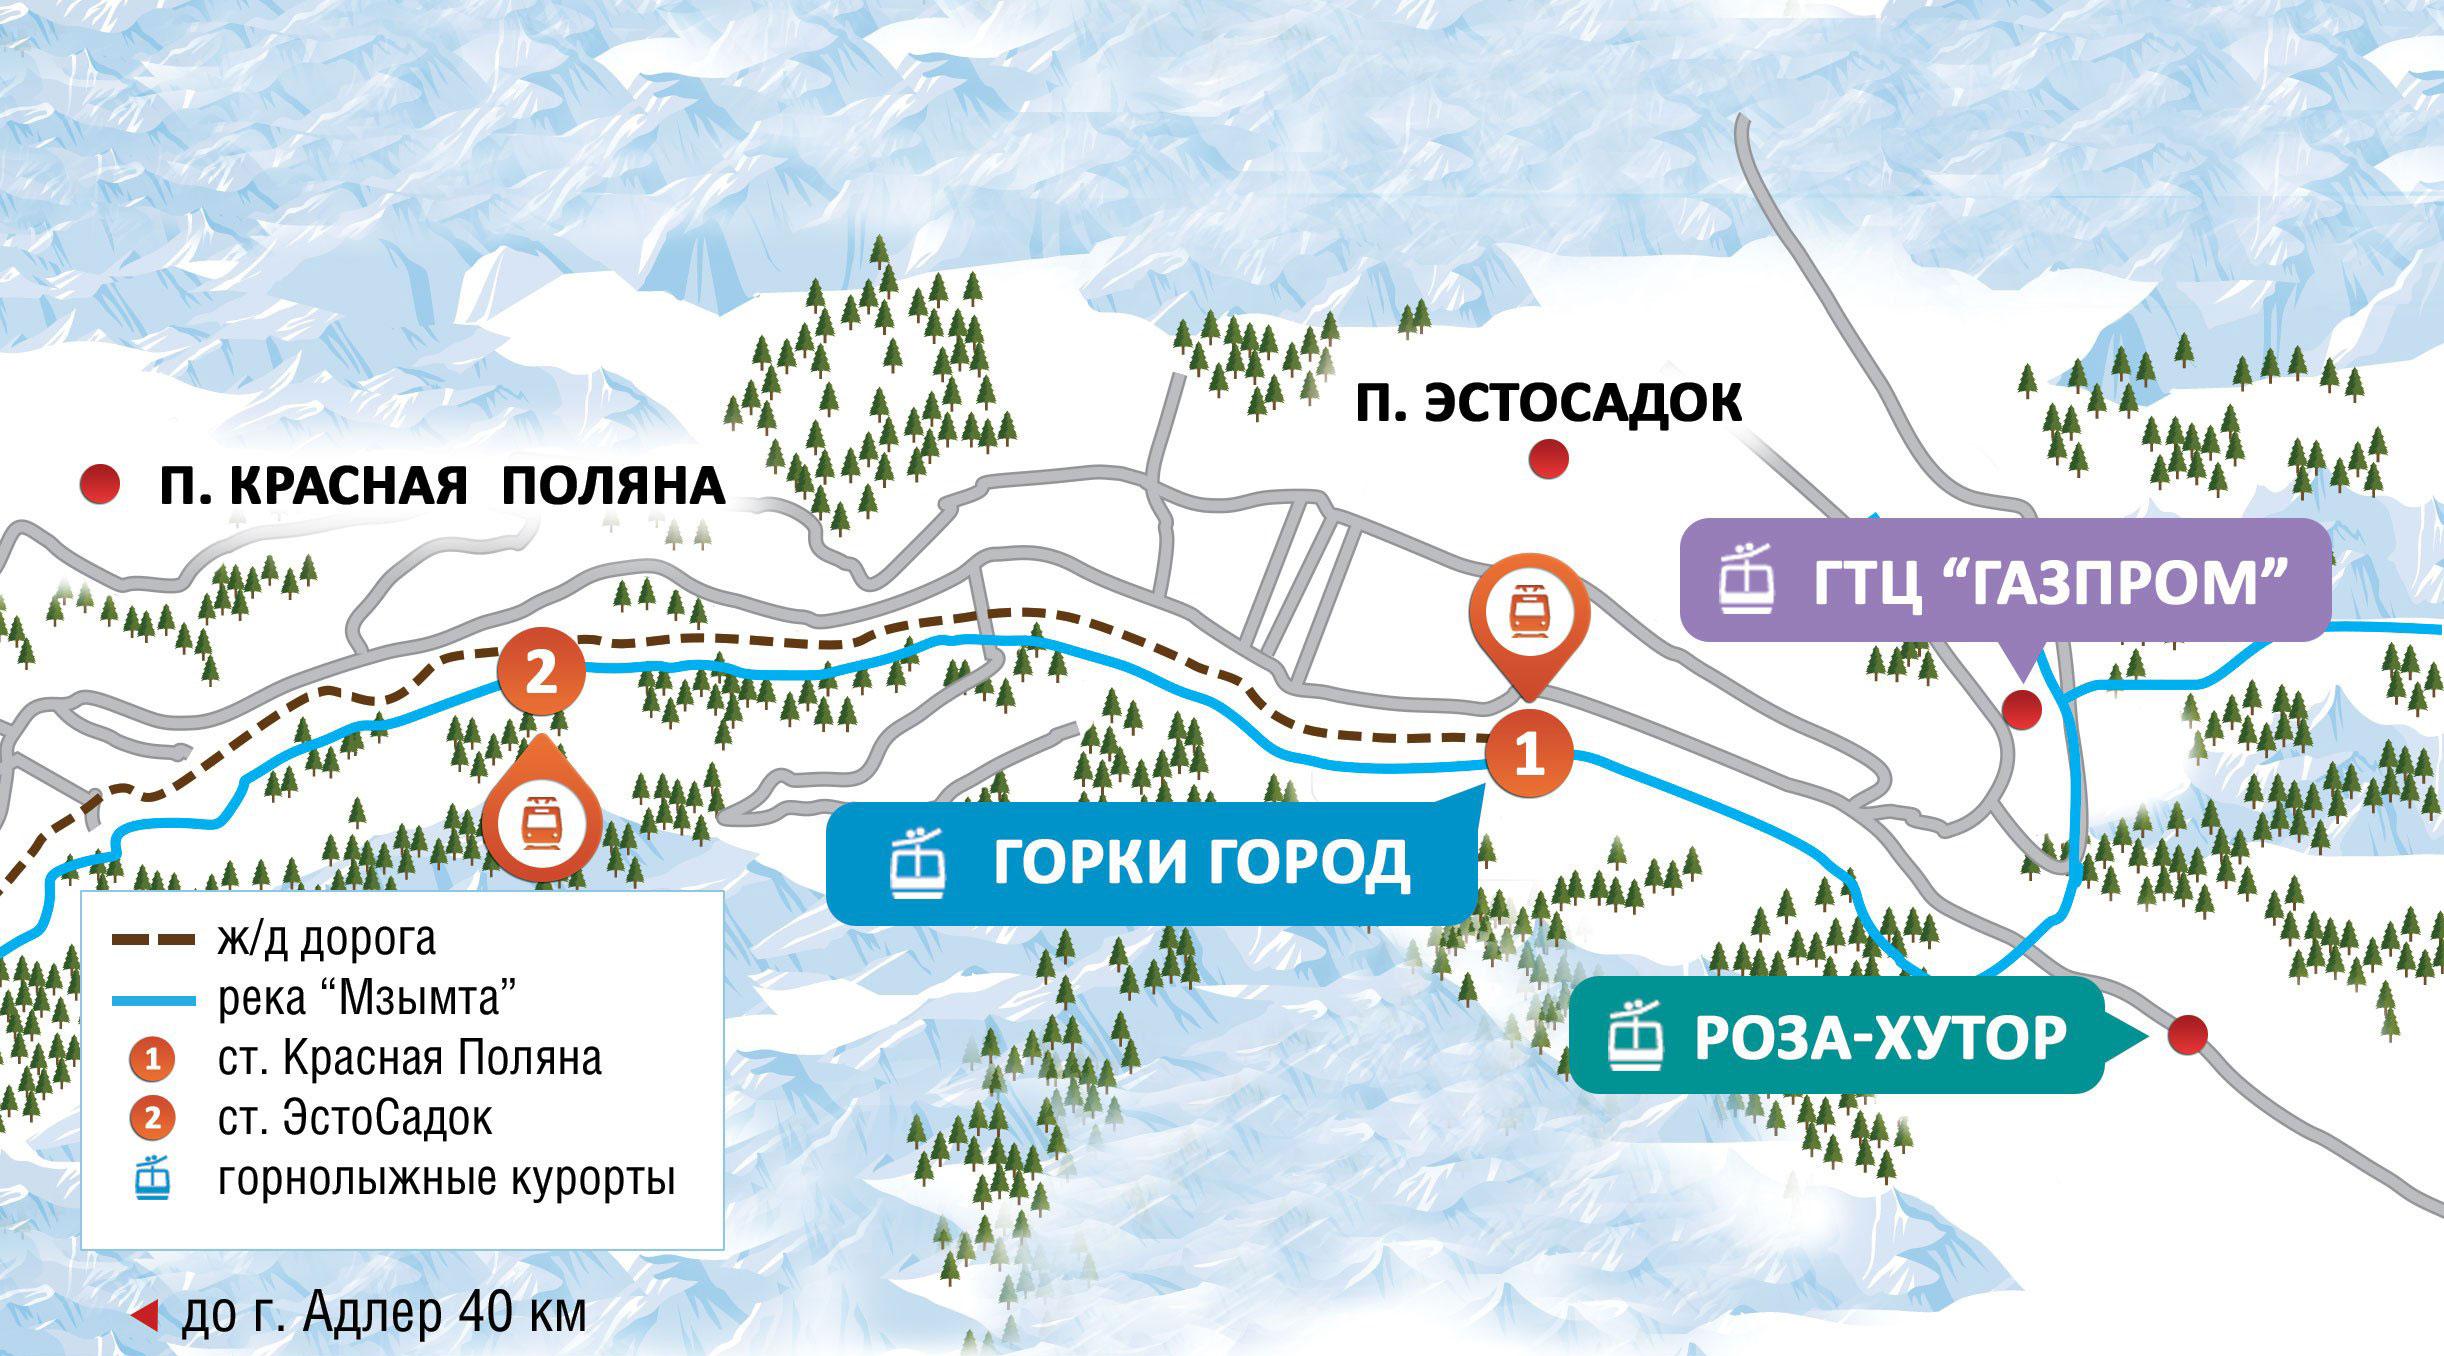 Карта Красной Поляны. Источник: Anapasochi.ru